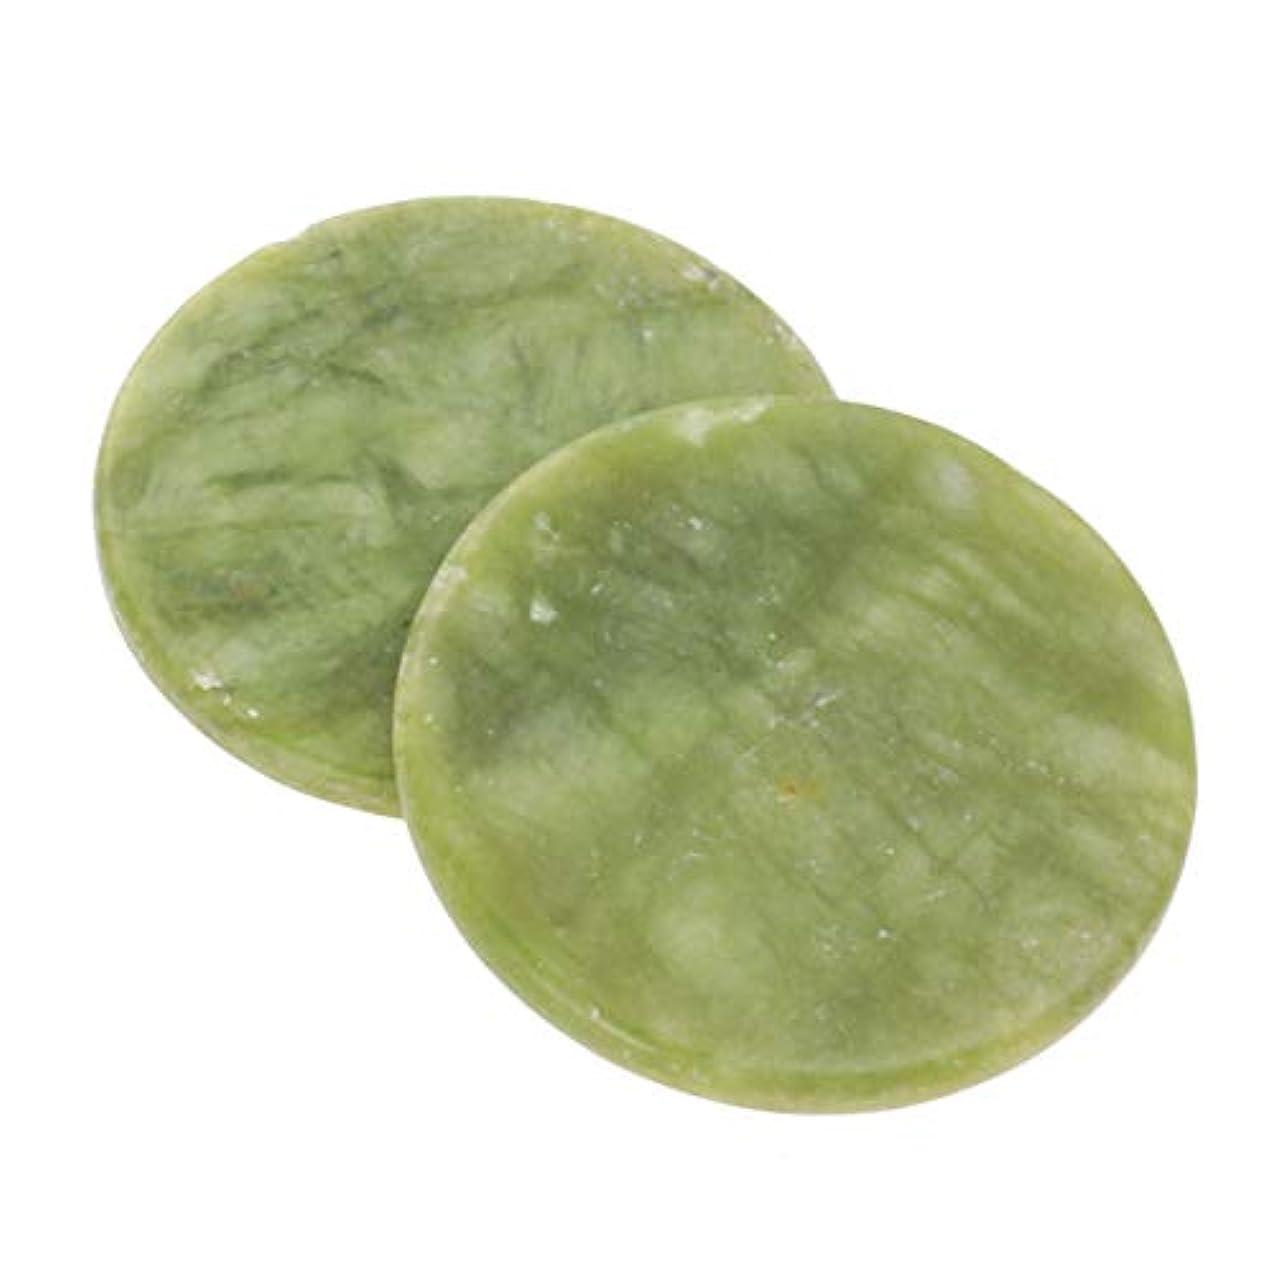 有害なオークタンパク質SUPVOX まつげエクステンション接着剤パッド玉石まつげエクステンション接着剤ホルダーラウンドパレット2個